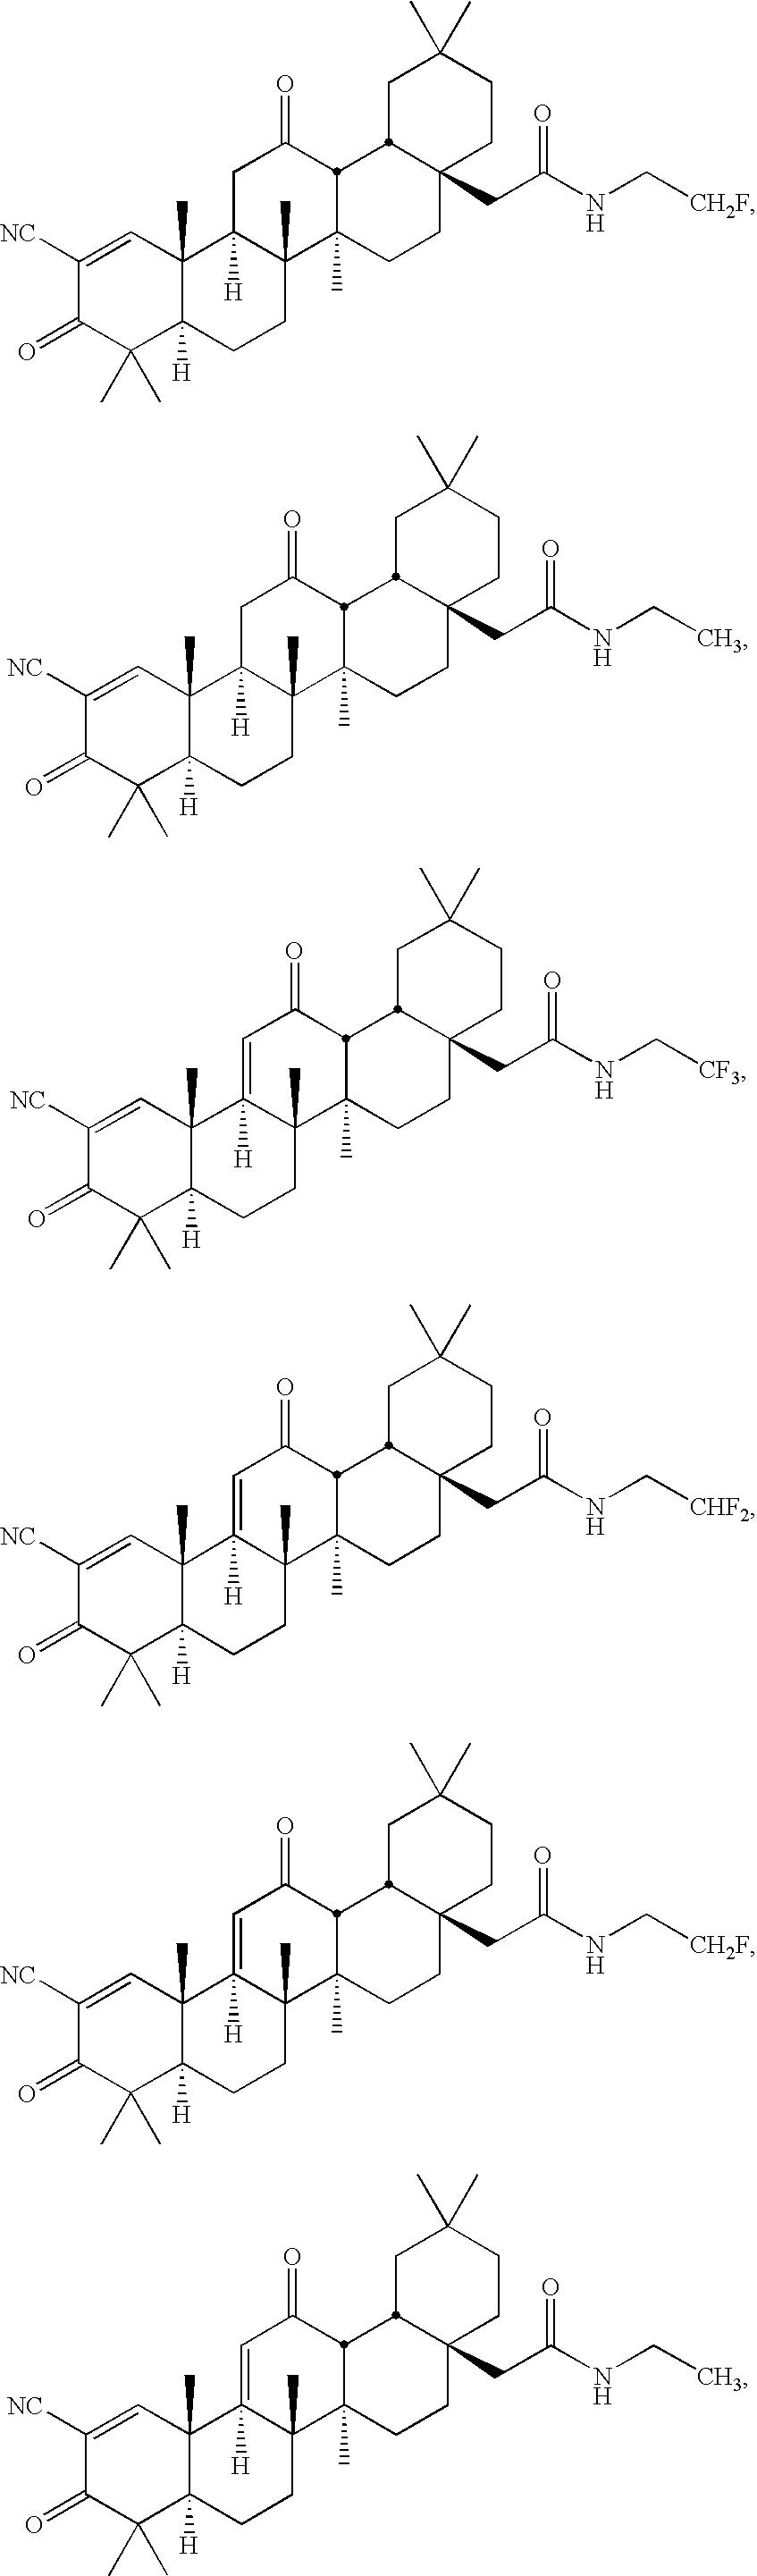 Figure US20100041904A1-20100218-C00104